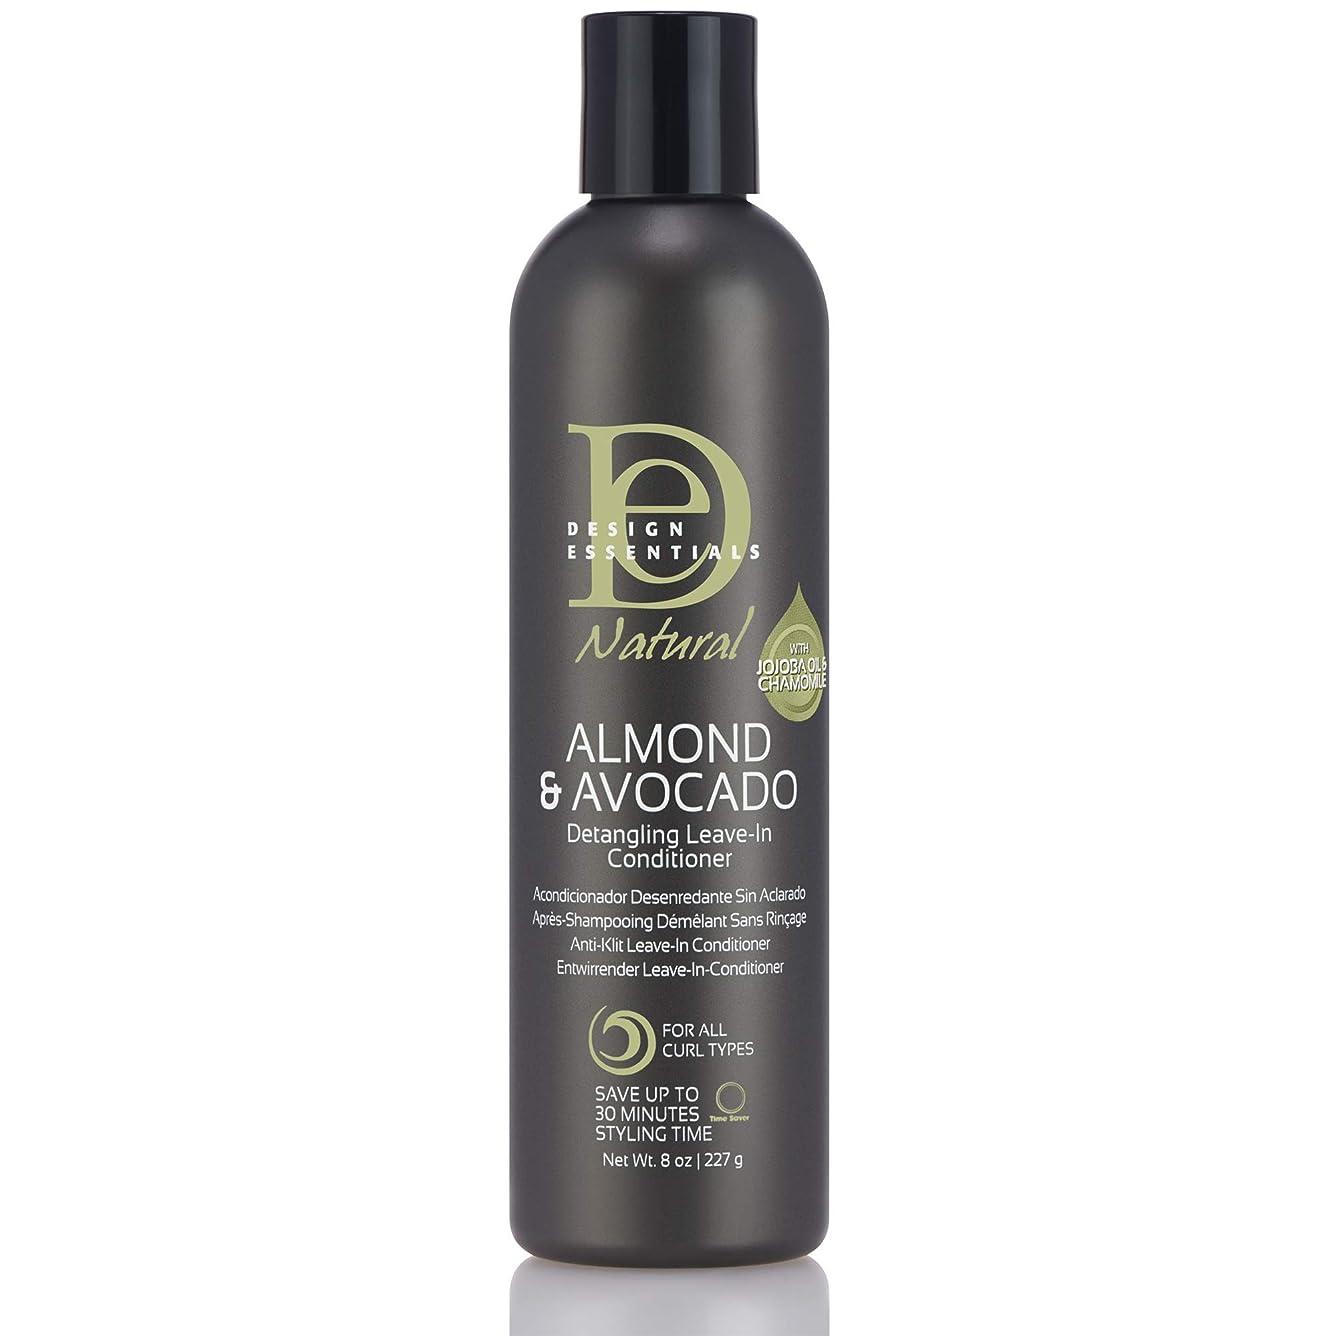 振り子水族館第Design Essentials Natural Instant Detangling Leave-In Conditioner for Healthy, Moisturized, Luminous Frizz-Free Hair-Almond & Avocado Collection, 8oz.